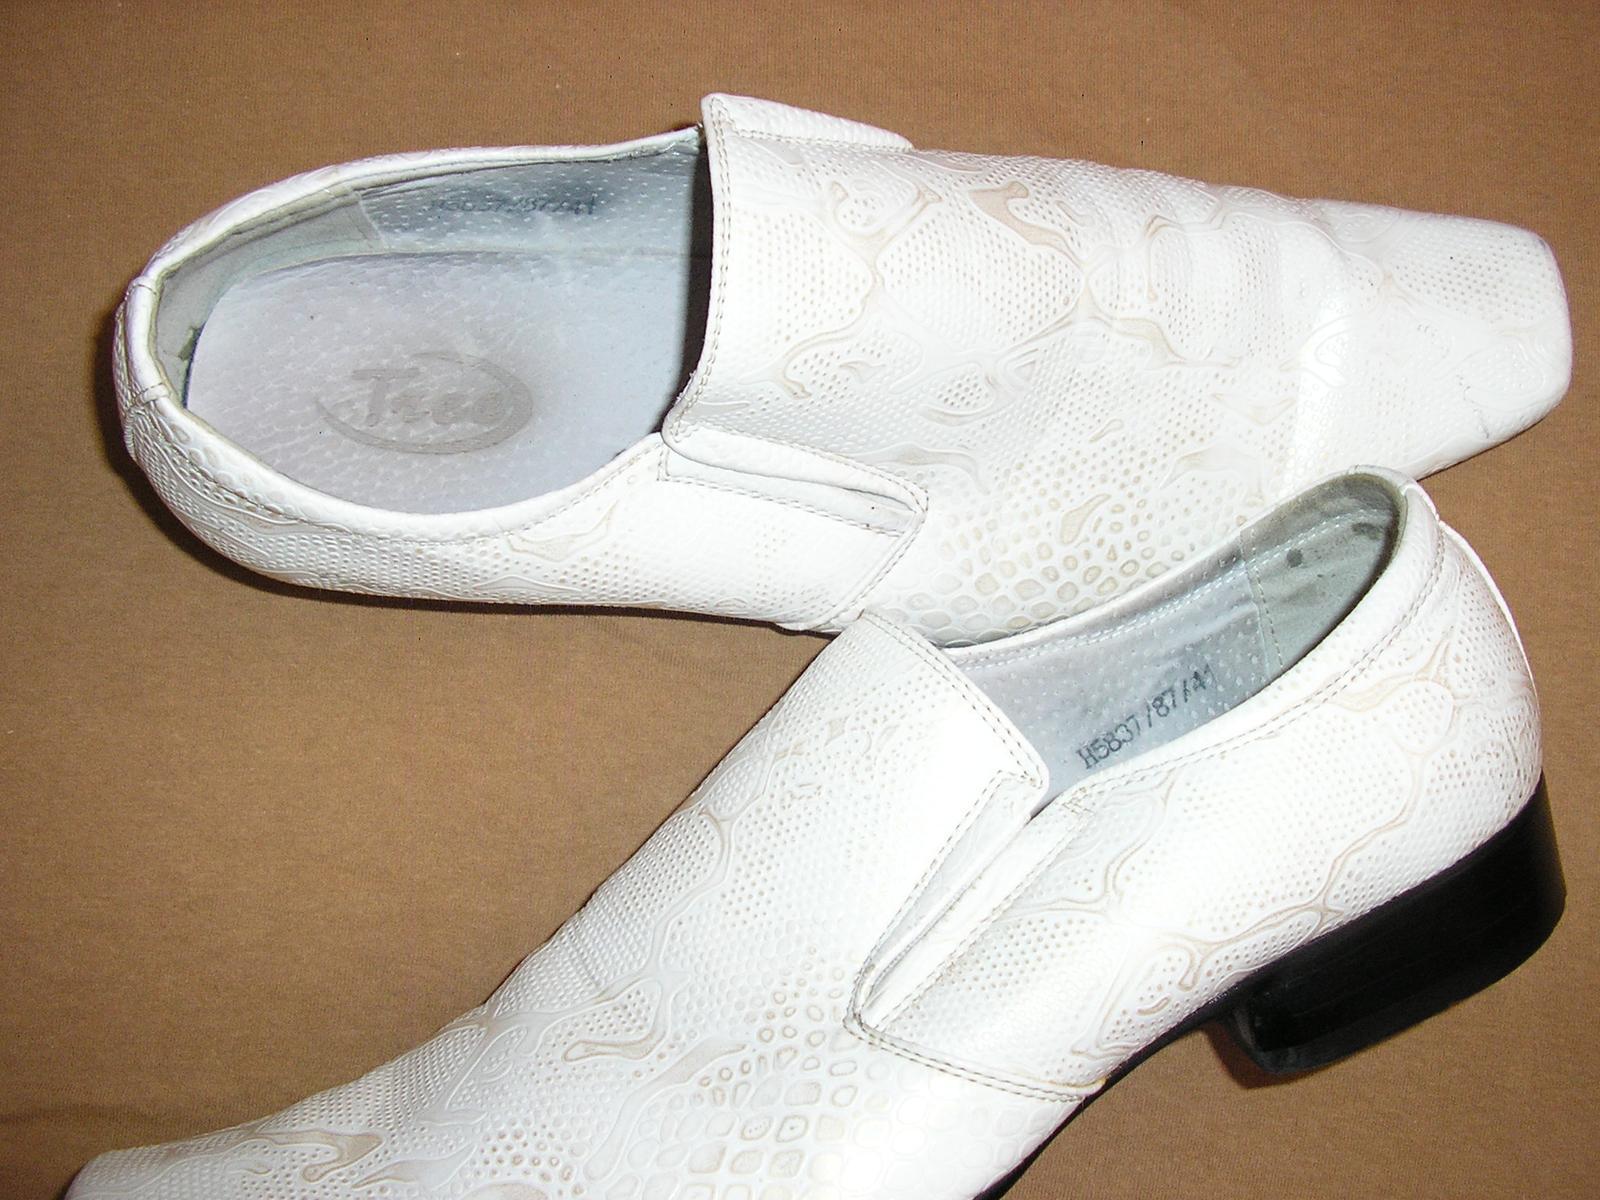 1524. TICO Pánske kož. topánky č. 41 - Obrázok č. 3